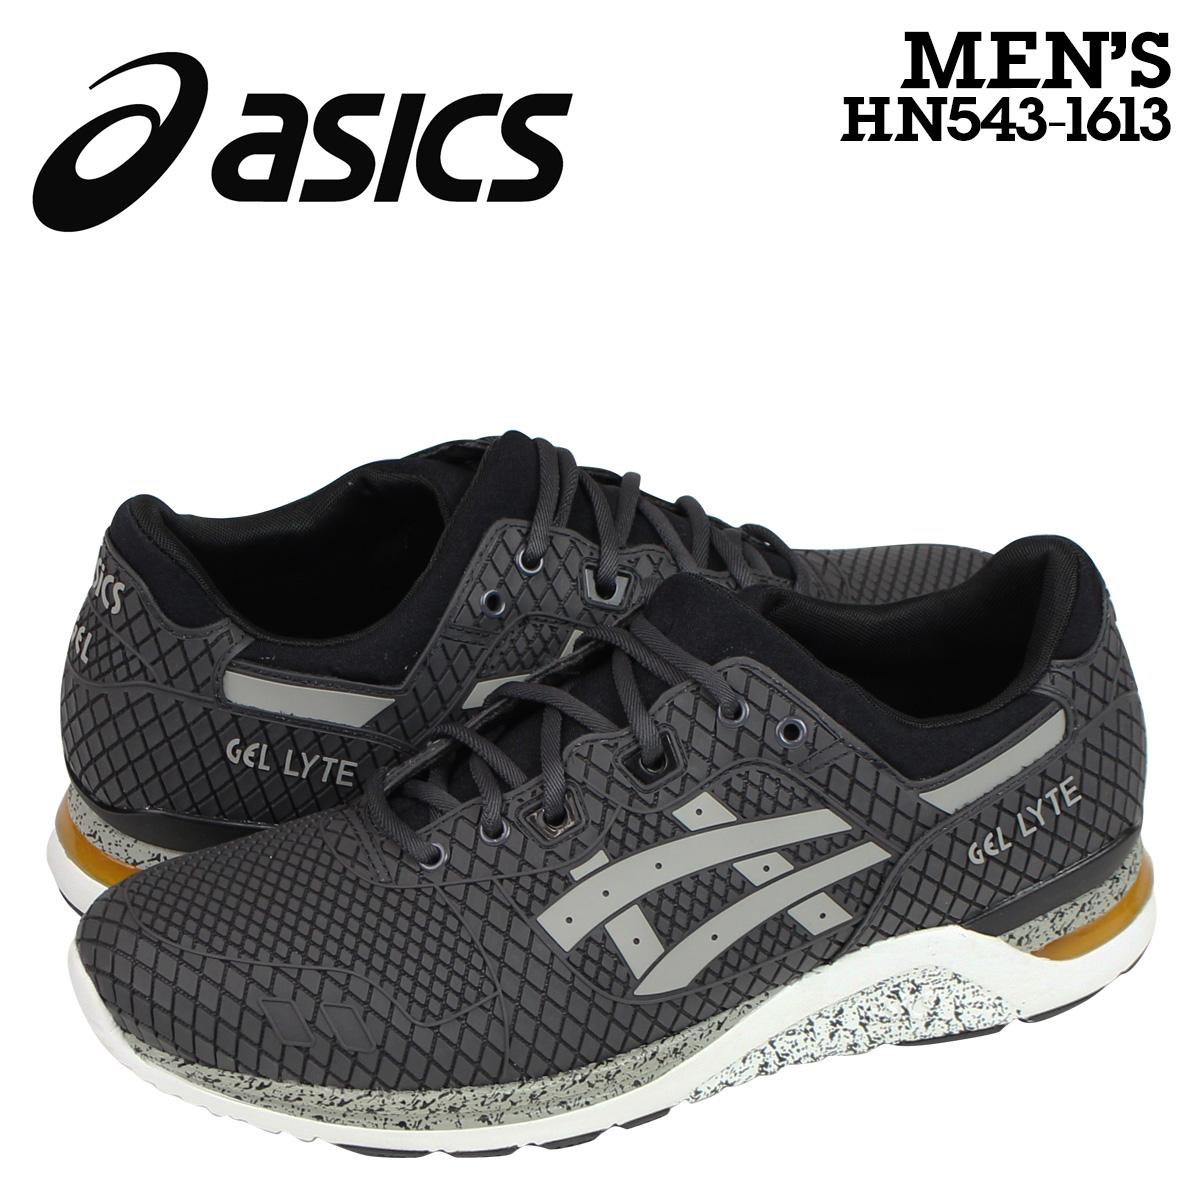 asics Tiger ASICS tiger gel light samurai sneakers GEL LYTE EVO SAMURAI ARMOR PACK HN543 1613 men shoes gray